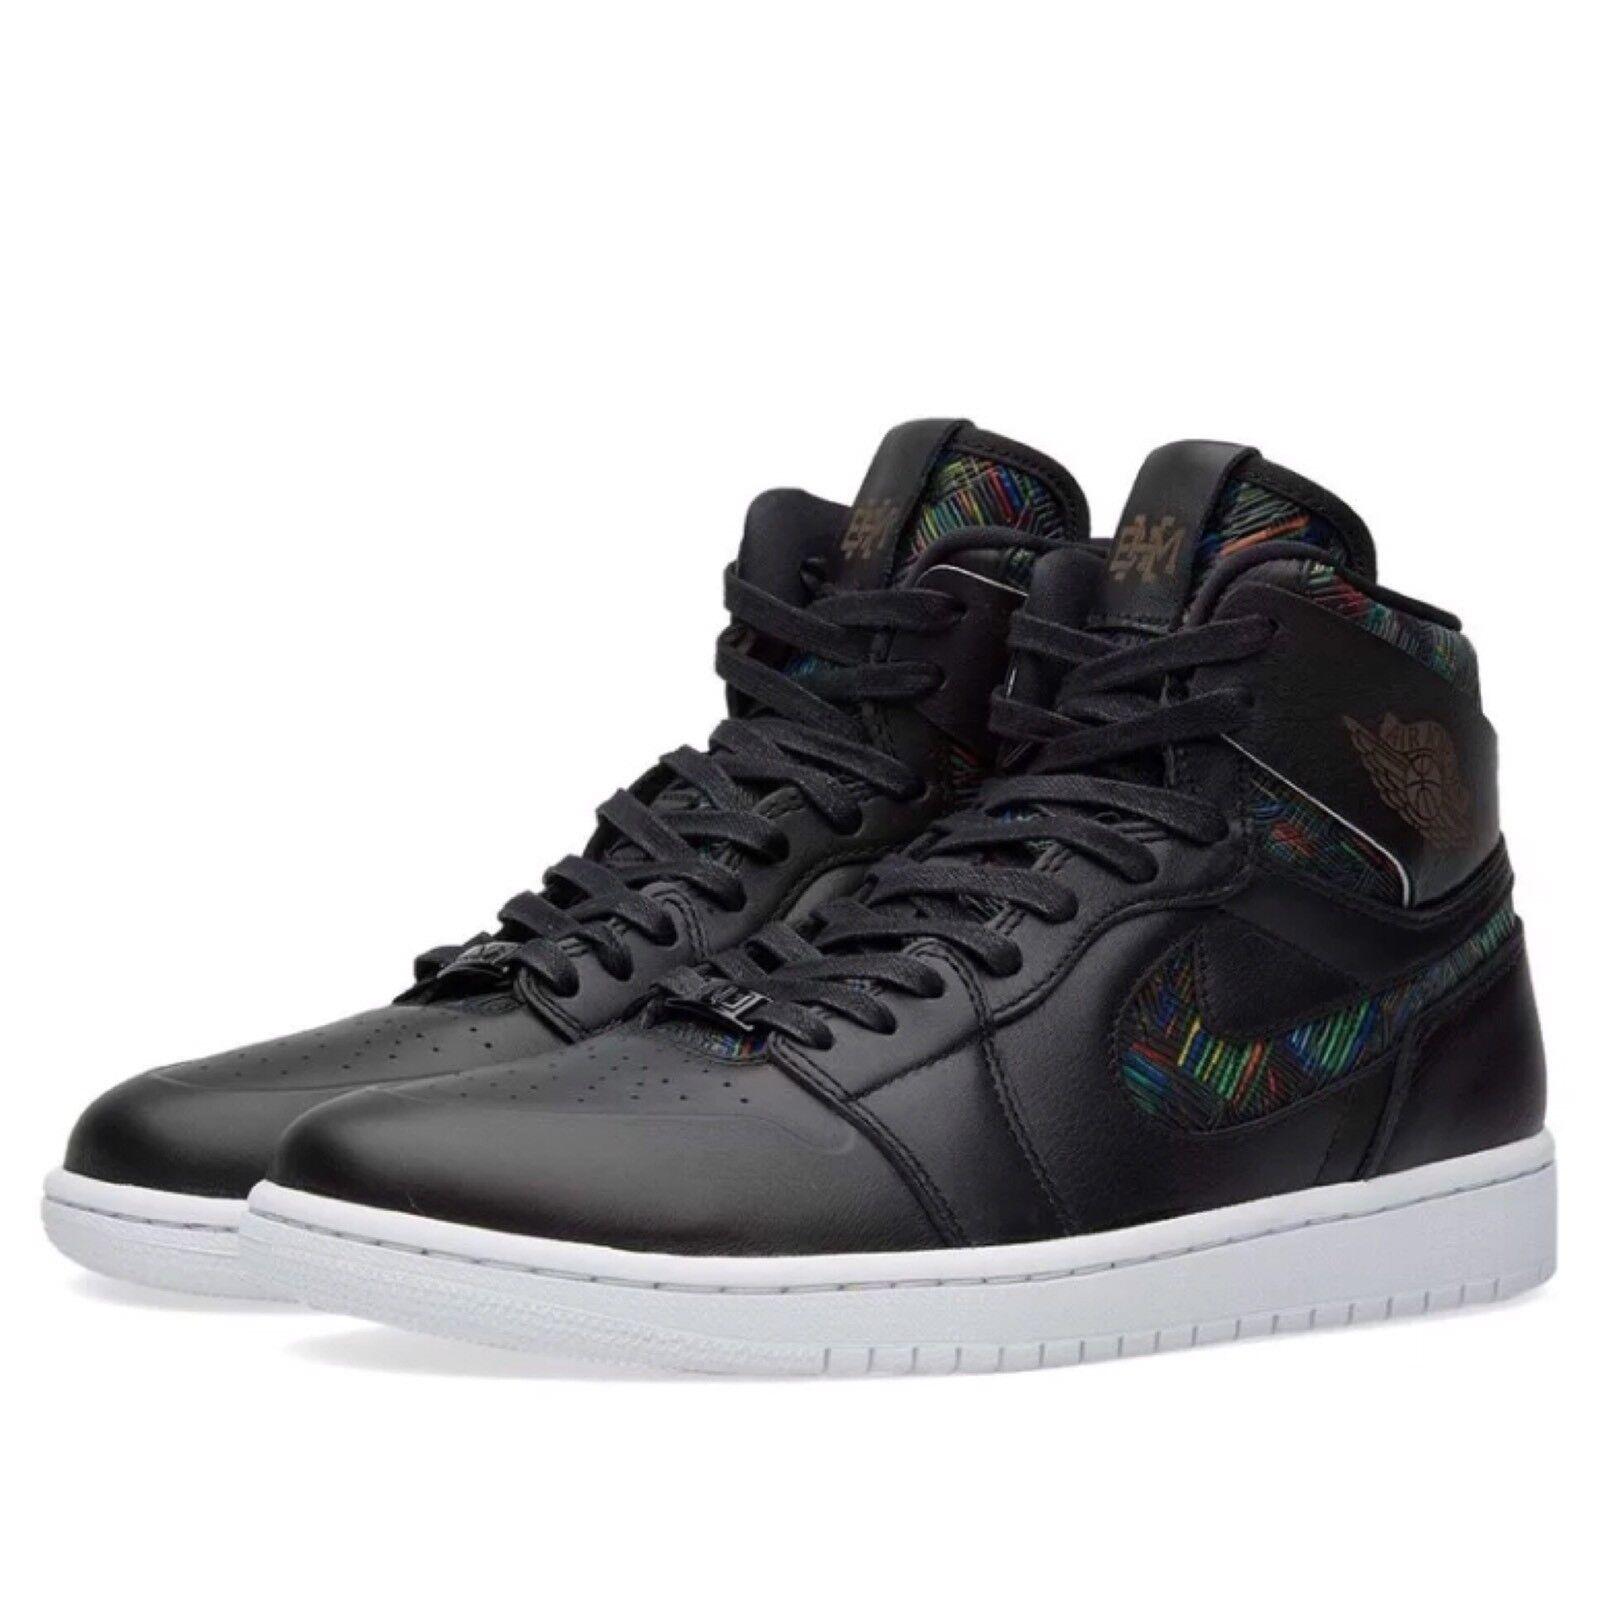 Nike Air Jordan Retro 1 High Nouv BHM Black White Green SZ 10 836749-045